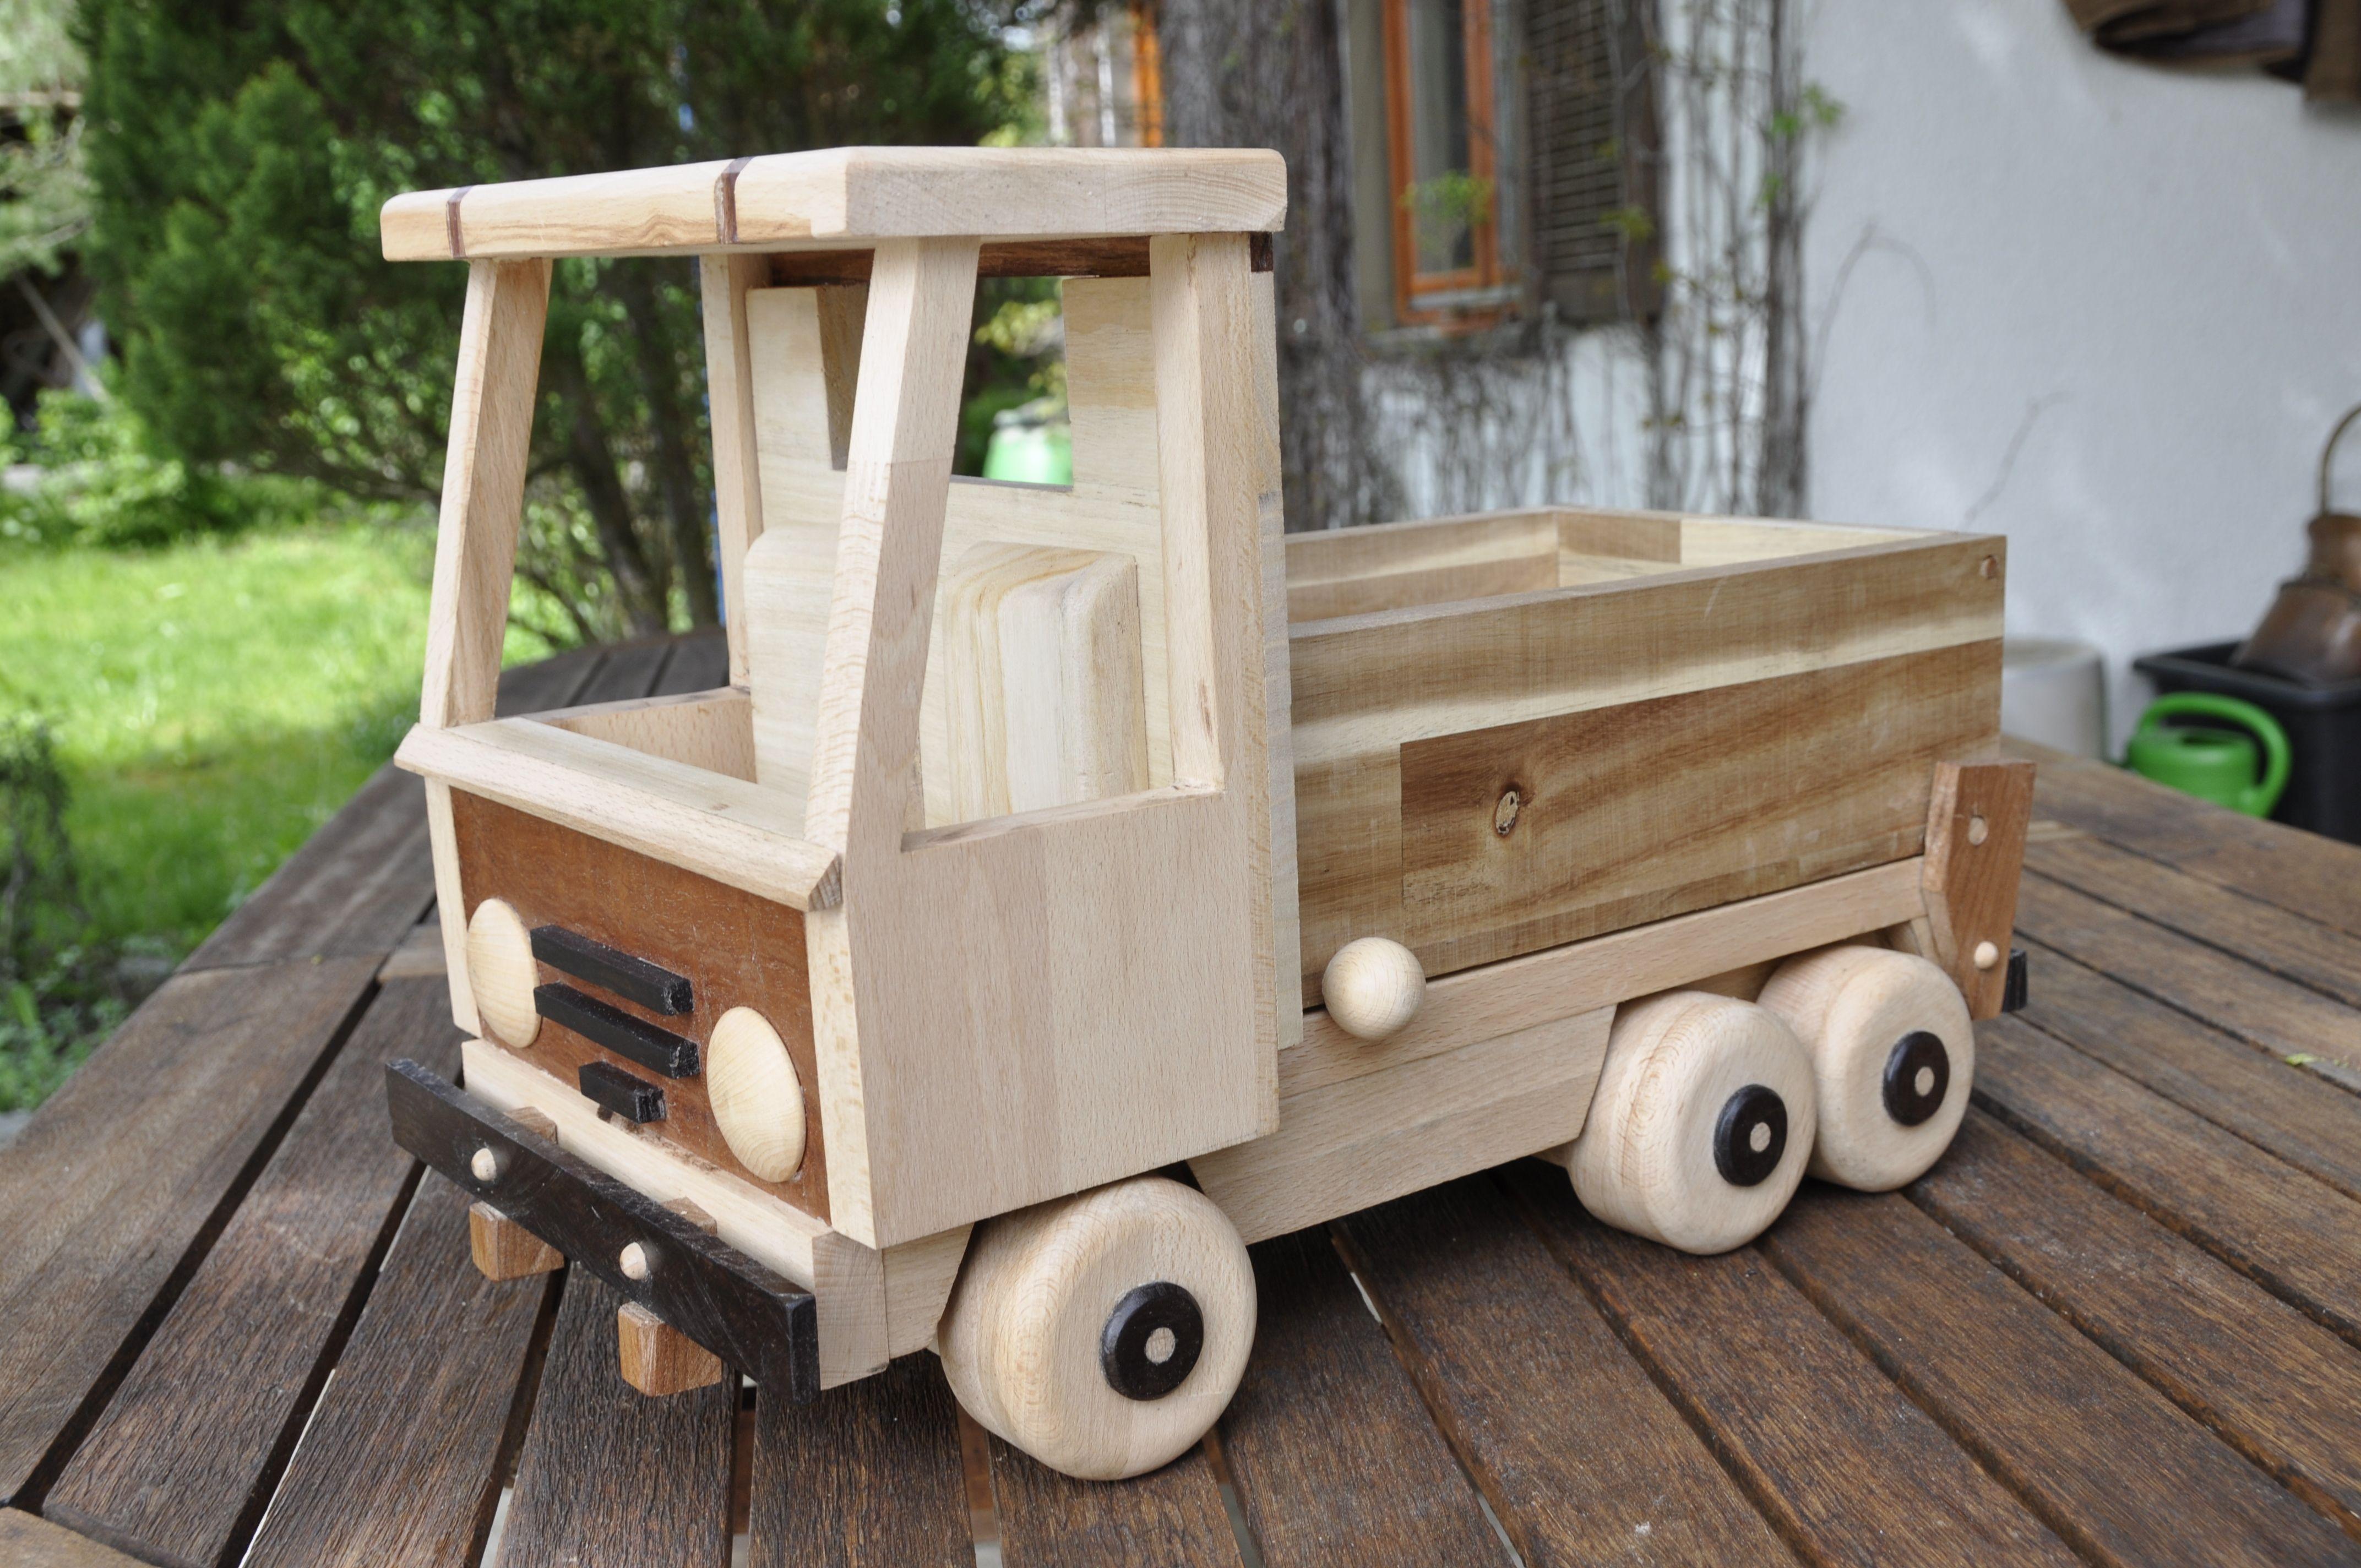 Der Enkel Freut Sich Nr 1 Lastwagen Bauanleitung Kinder Holz Streichholzschachteln Holzspielzeug